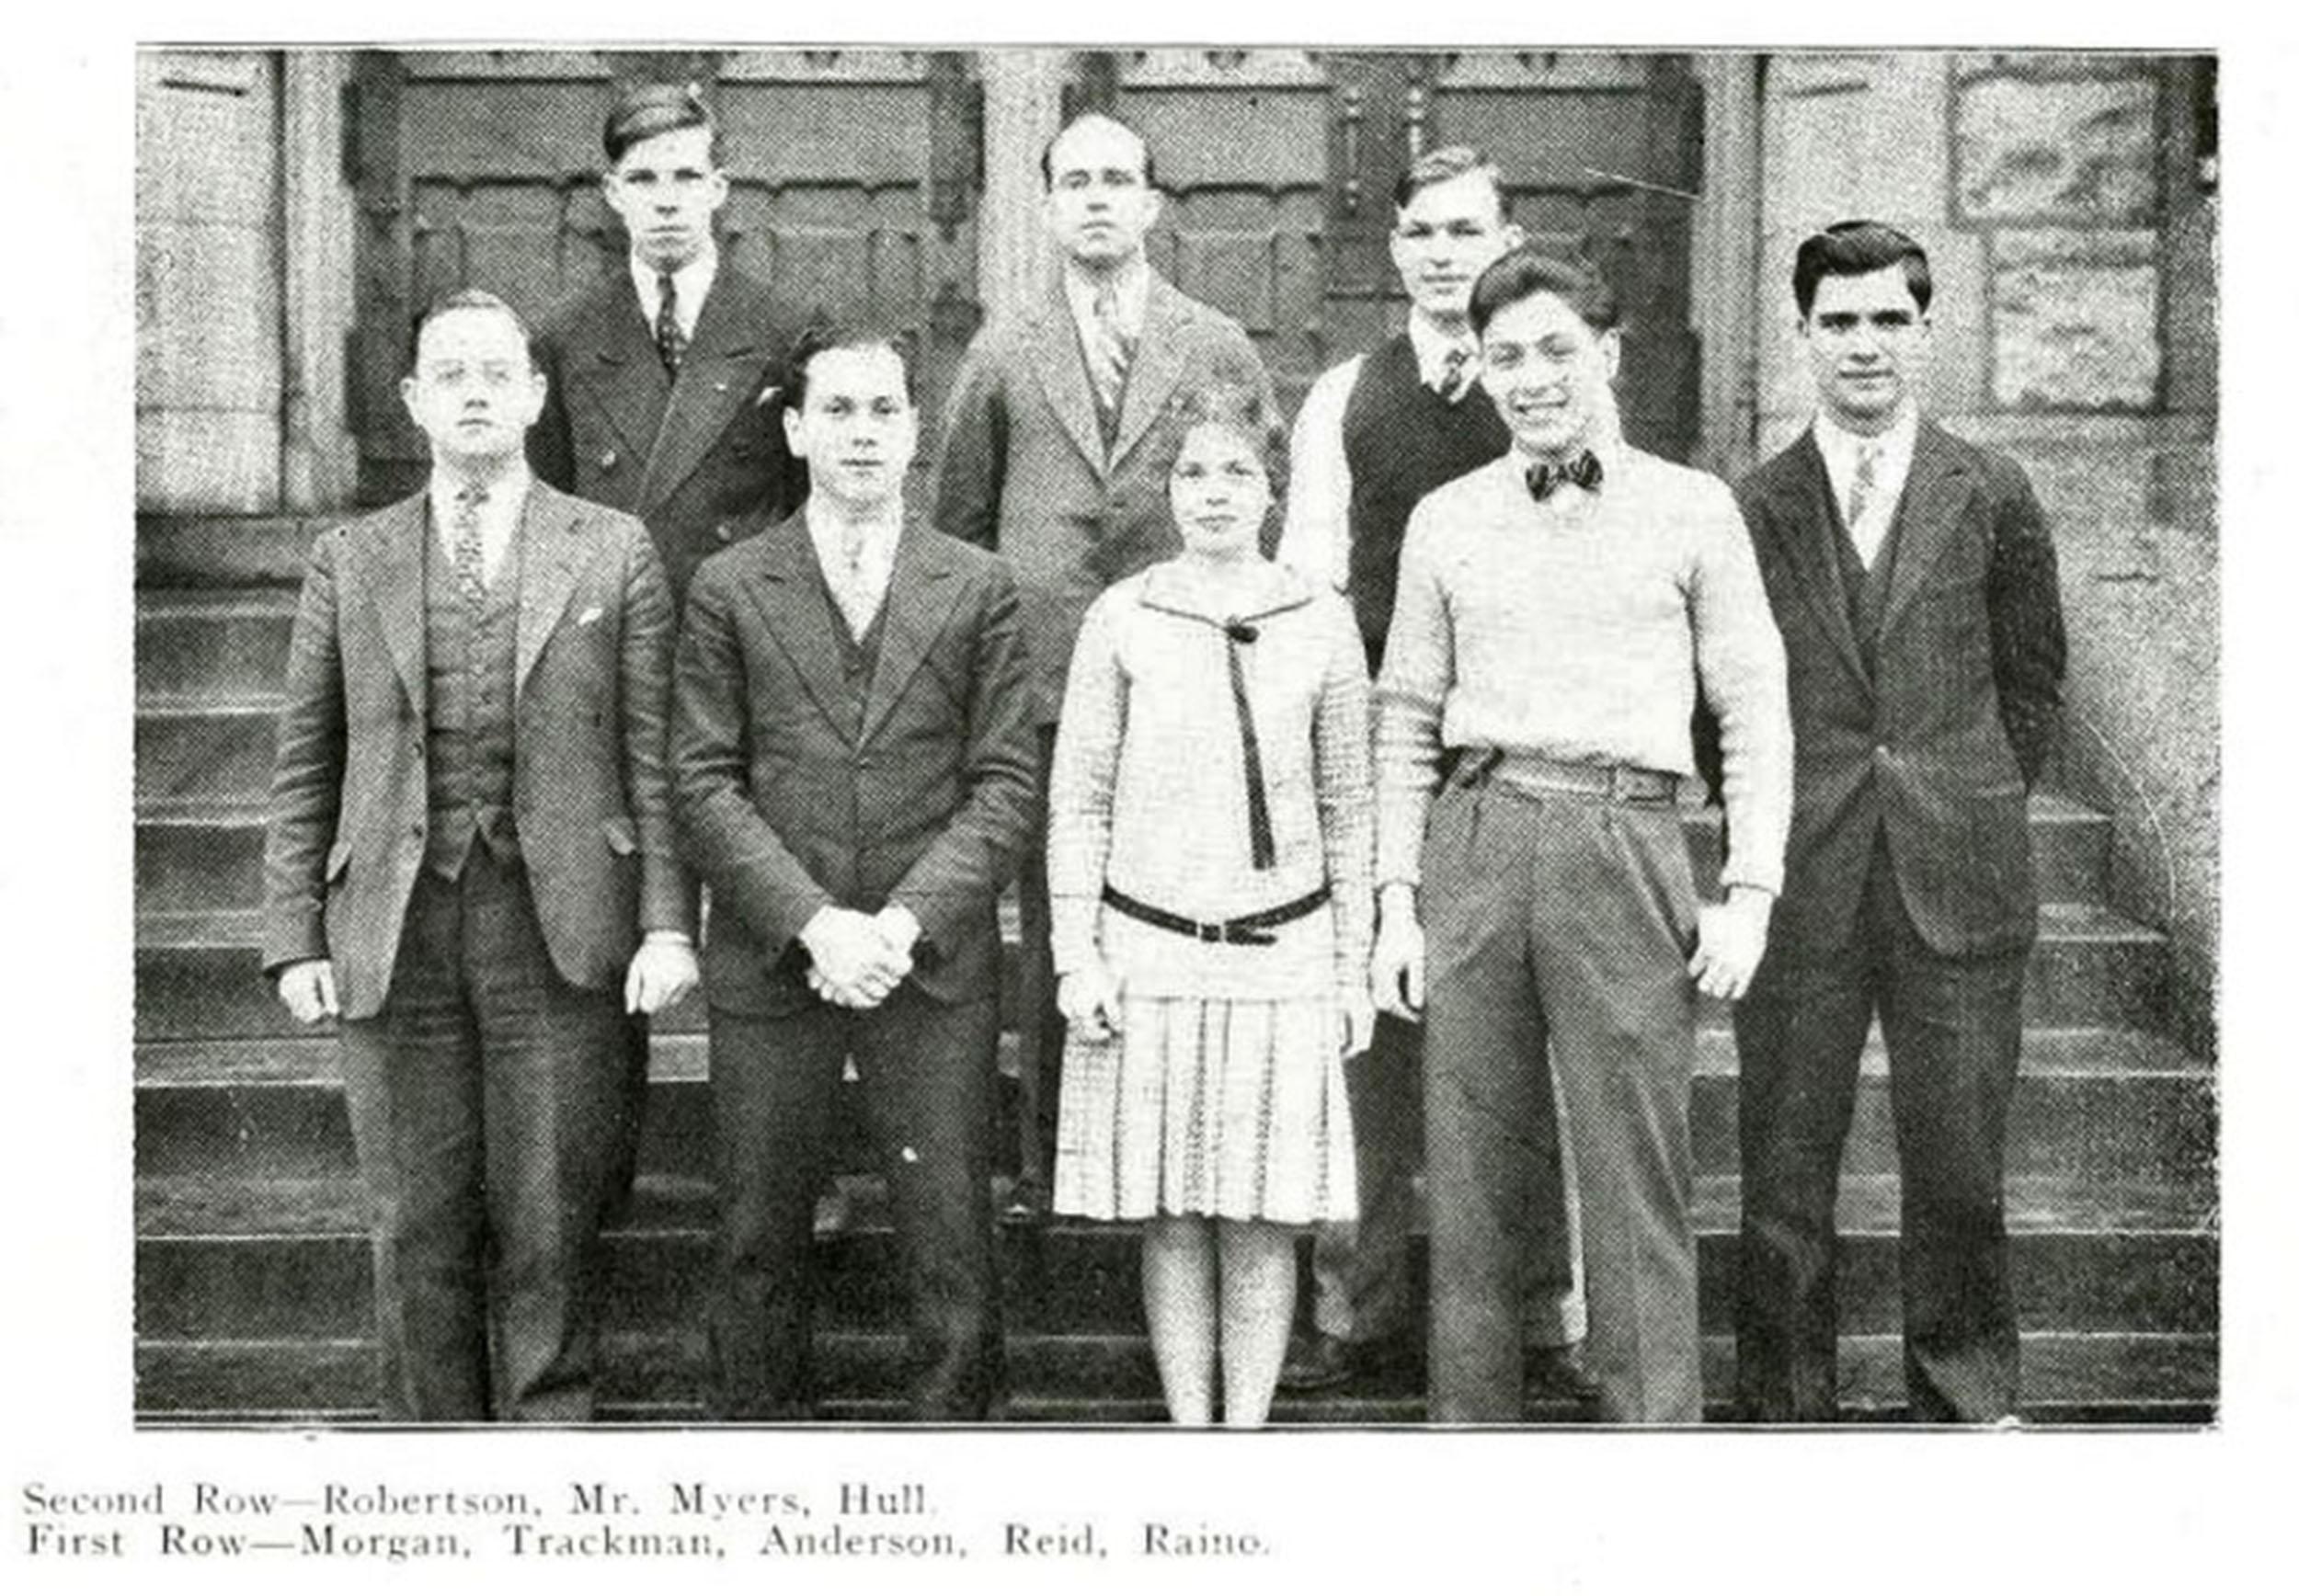 1930 Debating Team JJC Celebrates 115 years anniversary photo